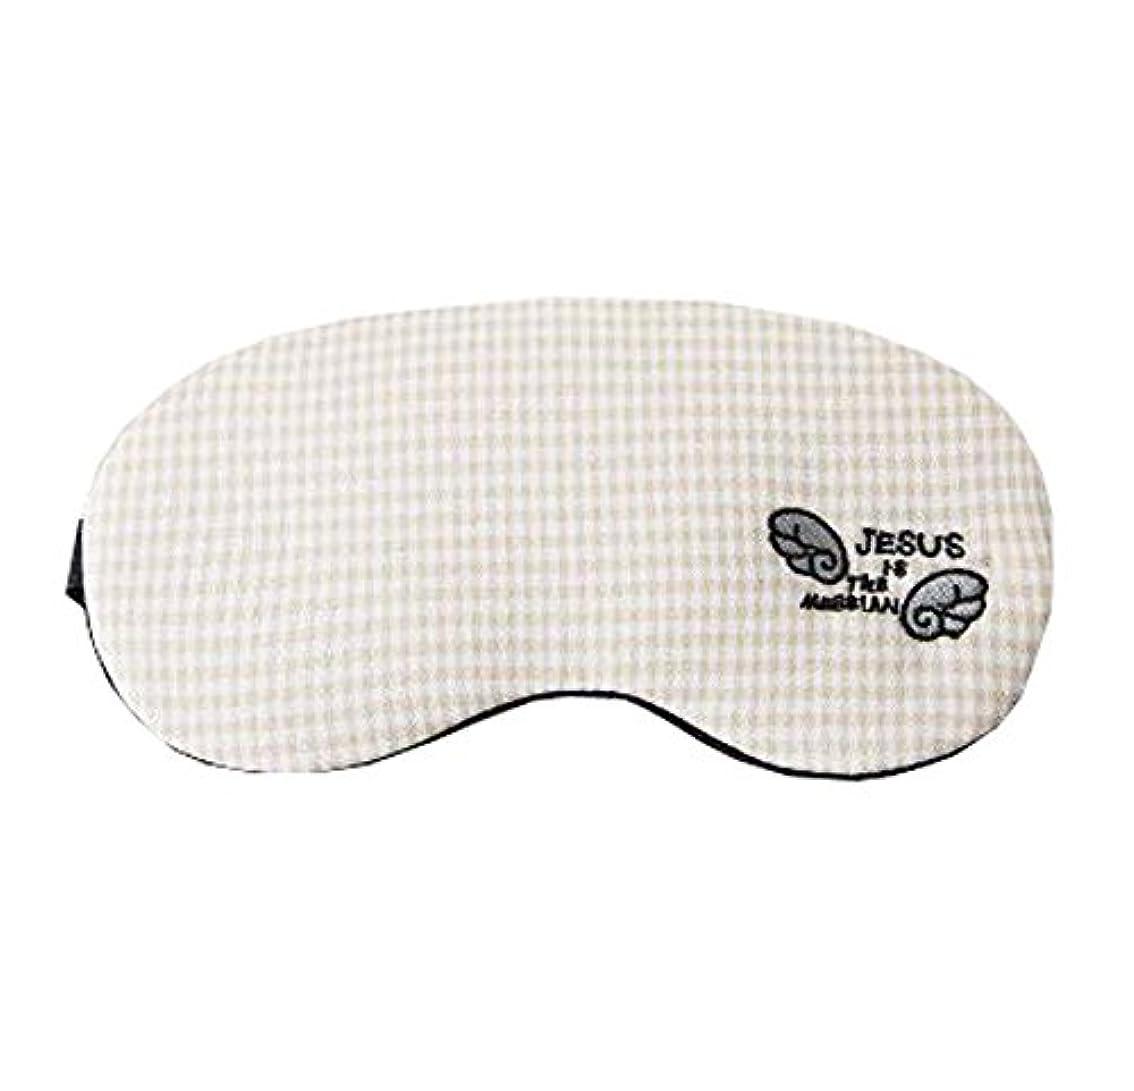 受信機悪化する通信網快適なかわいい目のマスクは、睡眠の作業のための不眠症とストレスを緩和する、F